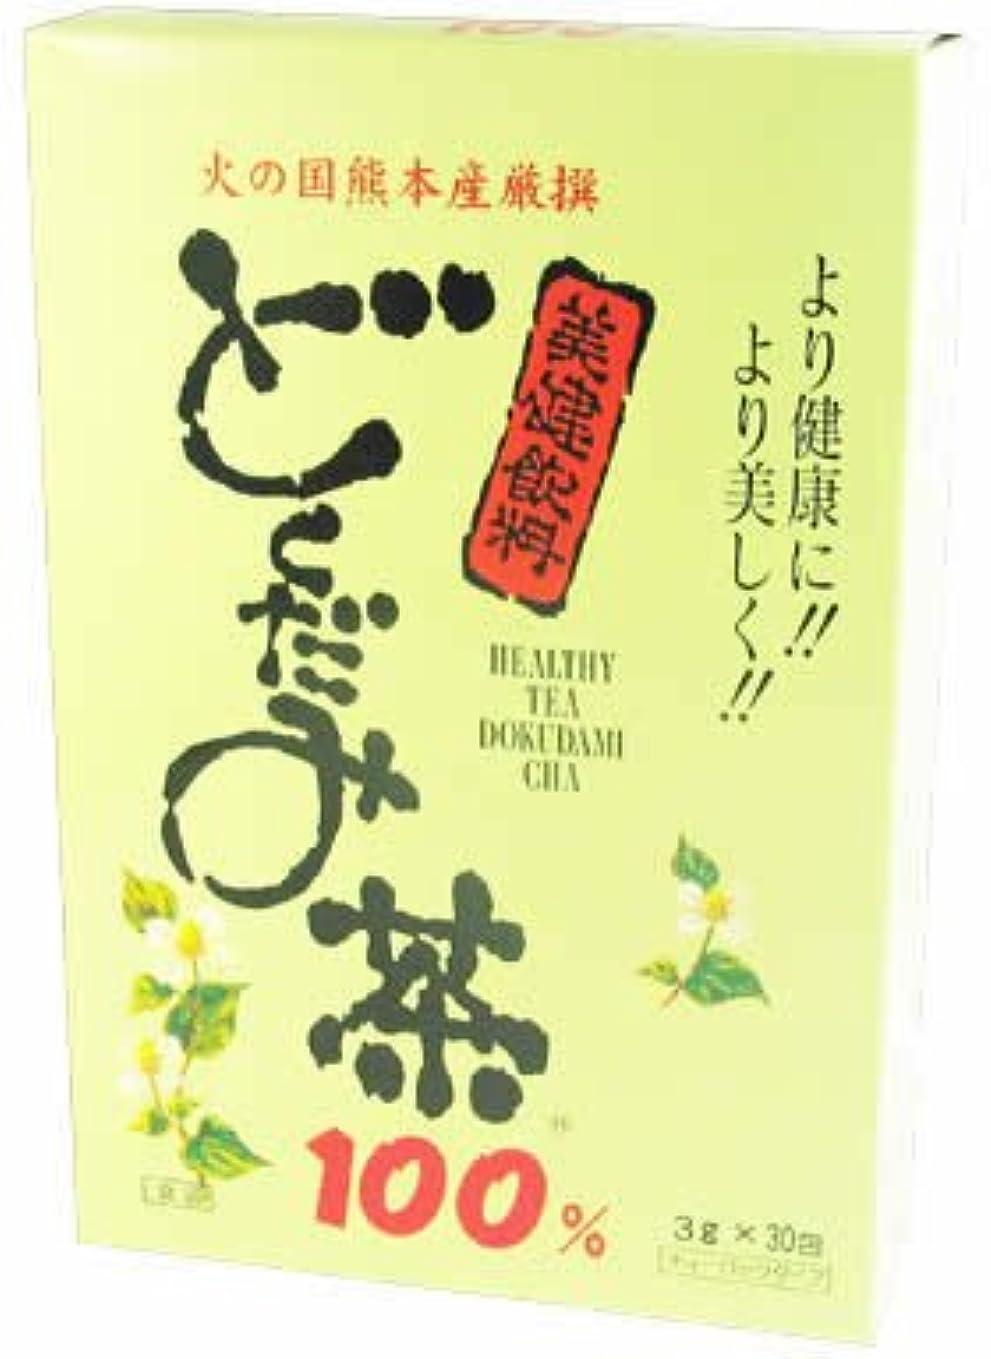 特に保存する主張どくだみ茶100% ティーバッグ 3g×30包